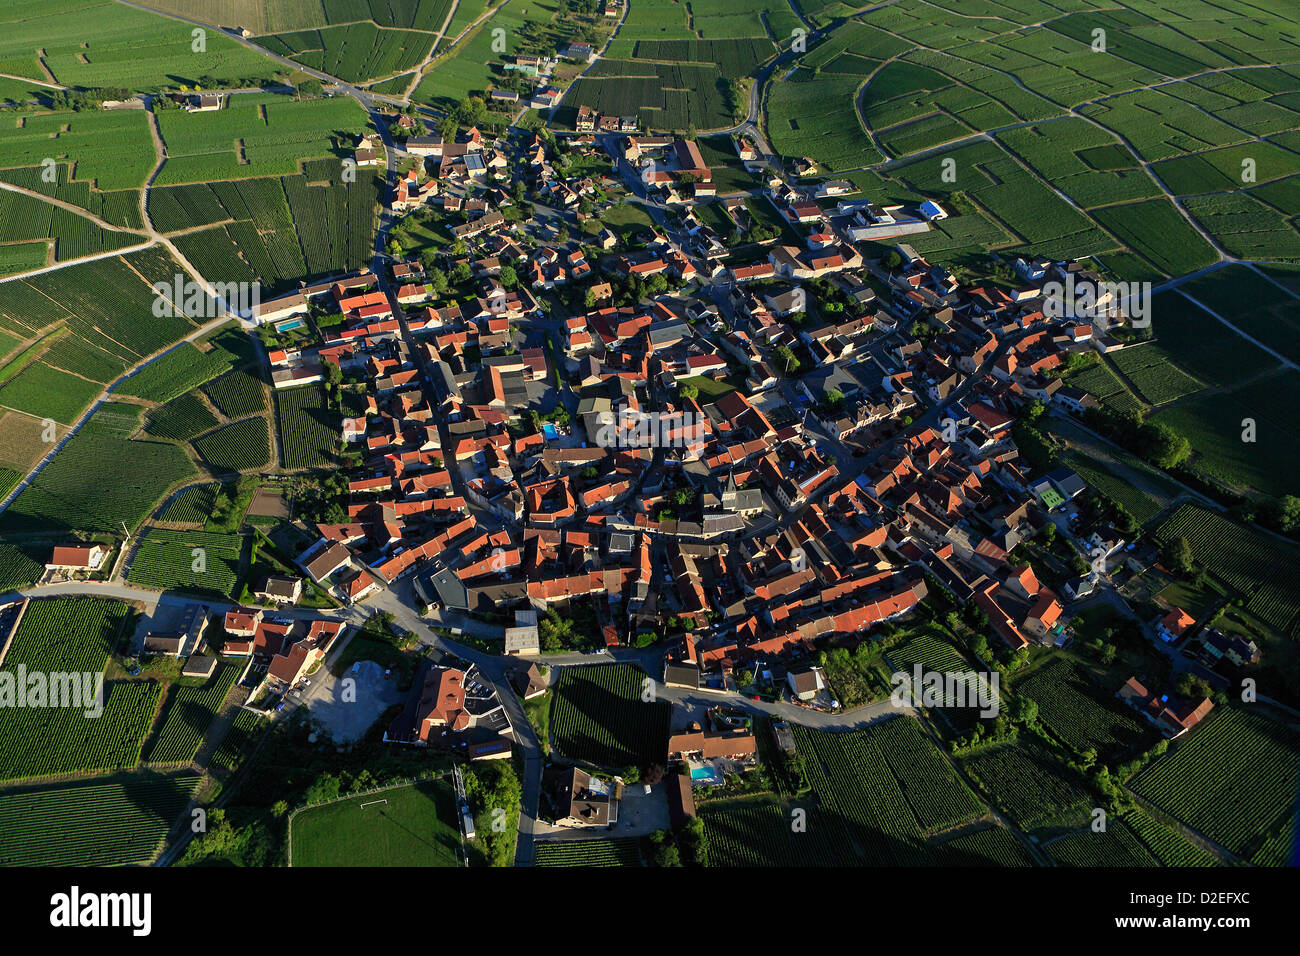 Francia, Marne (51), Trepail villaggio di vigneti champagne, il villaggio si trova ai piedi delle Montagne de Reims, Immagini Stock